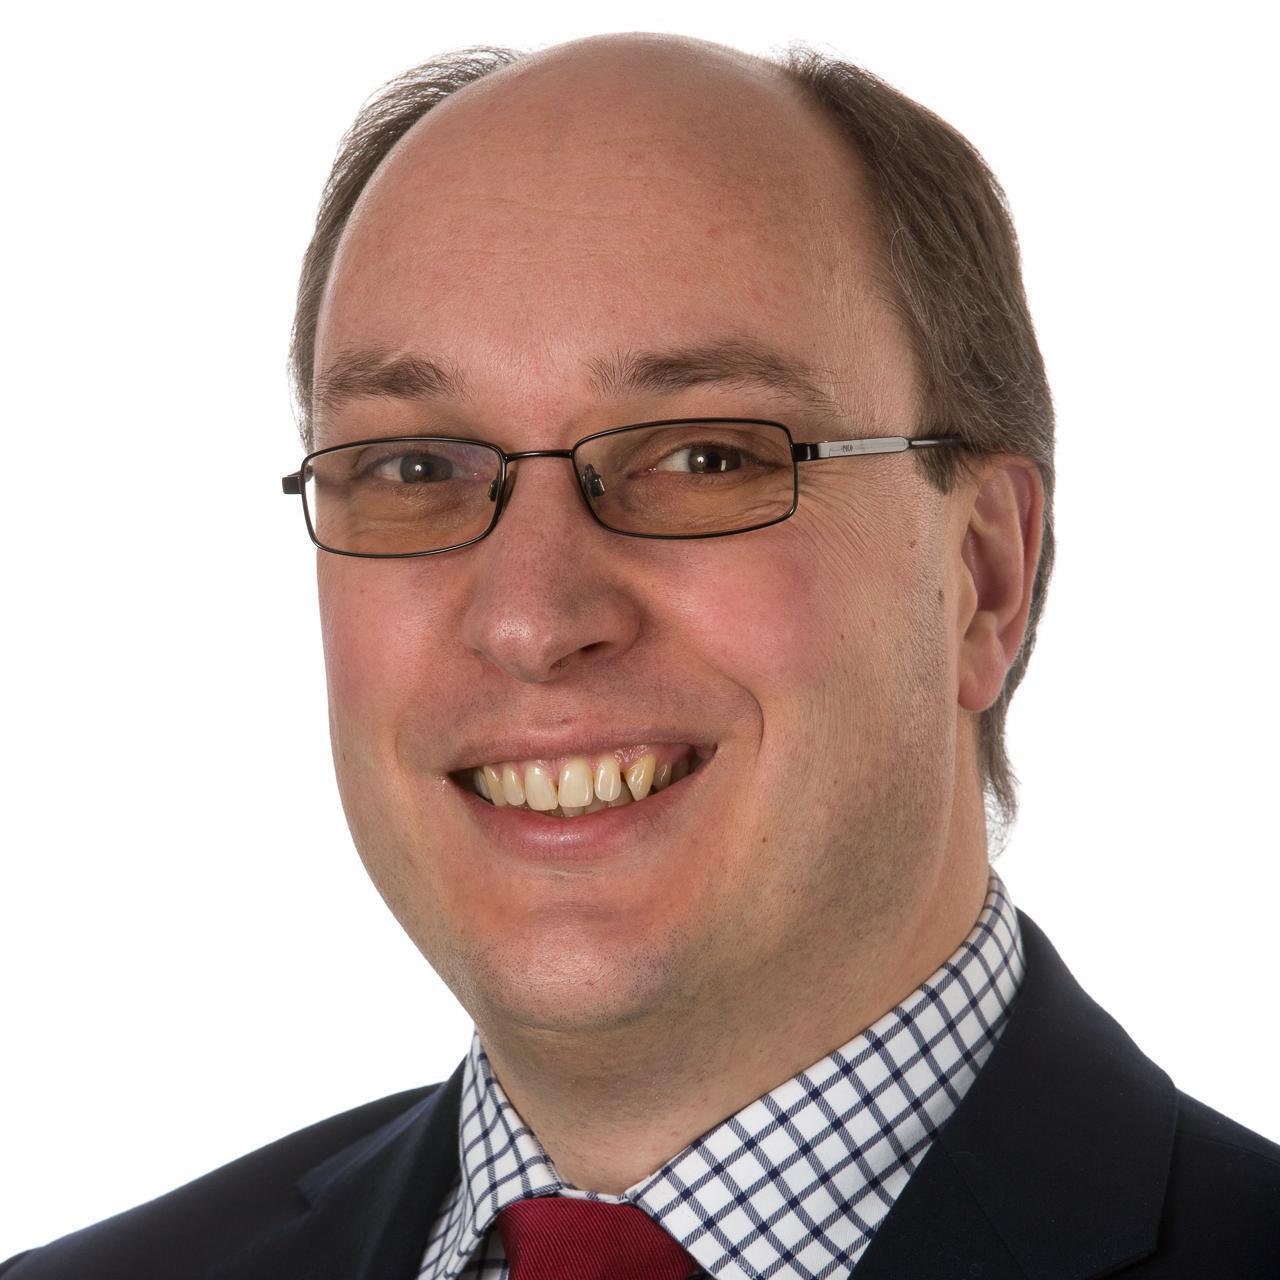 Joel Scherrenberg